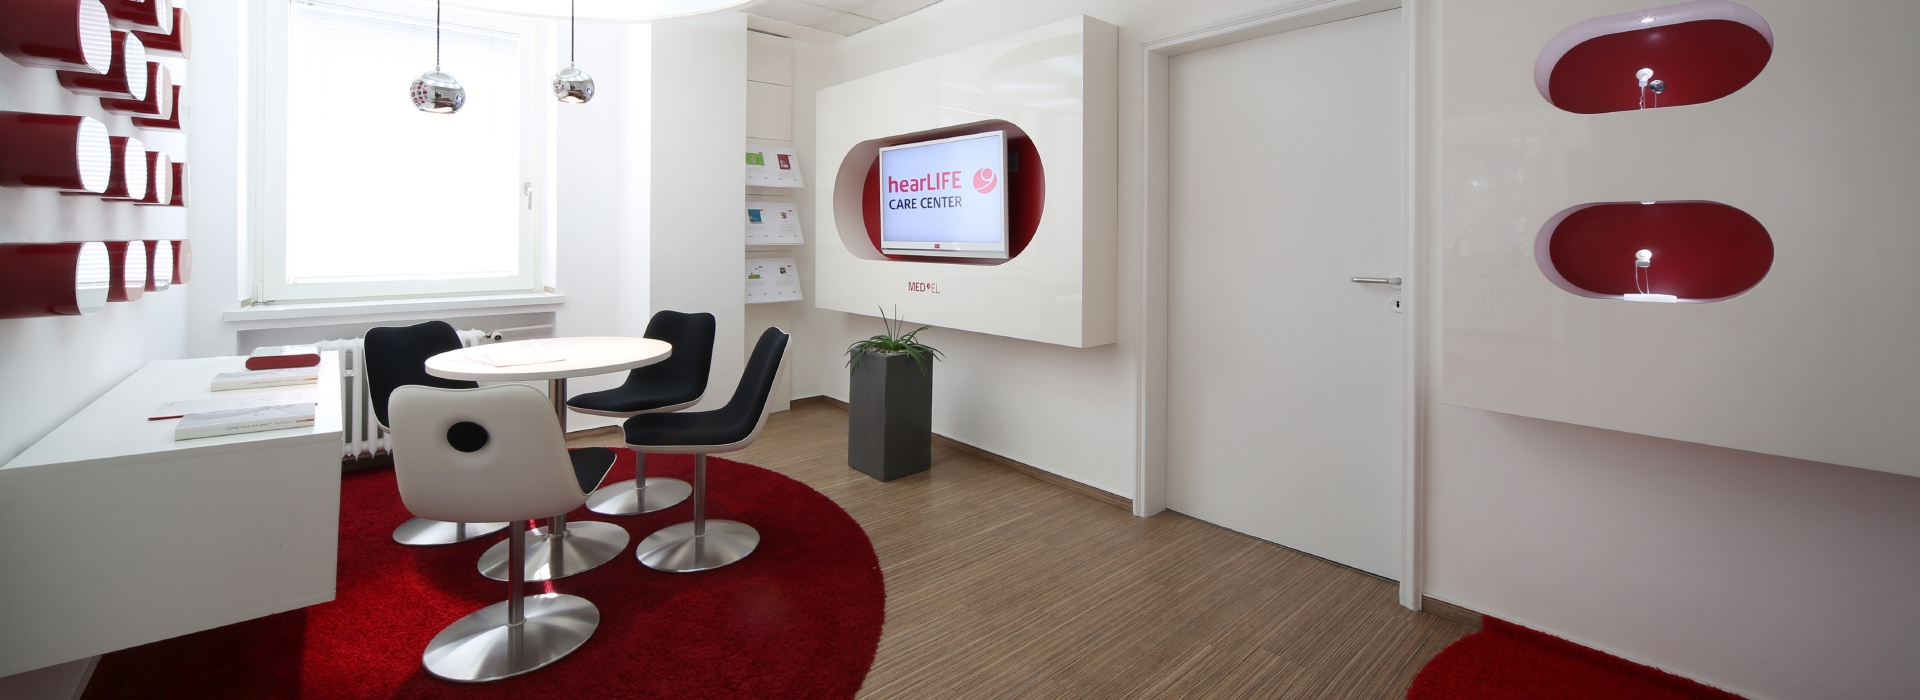 MED-EL Care Center